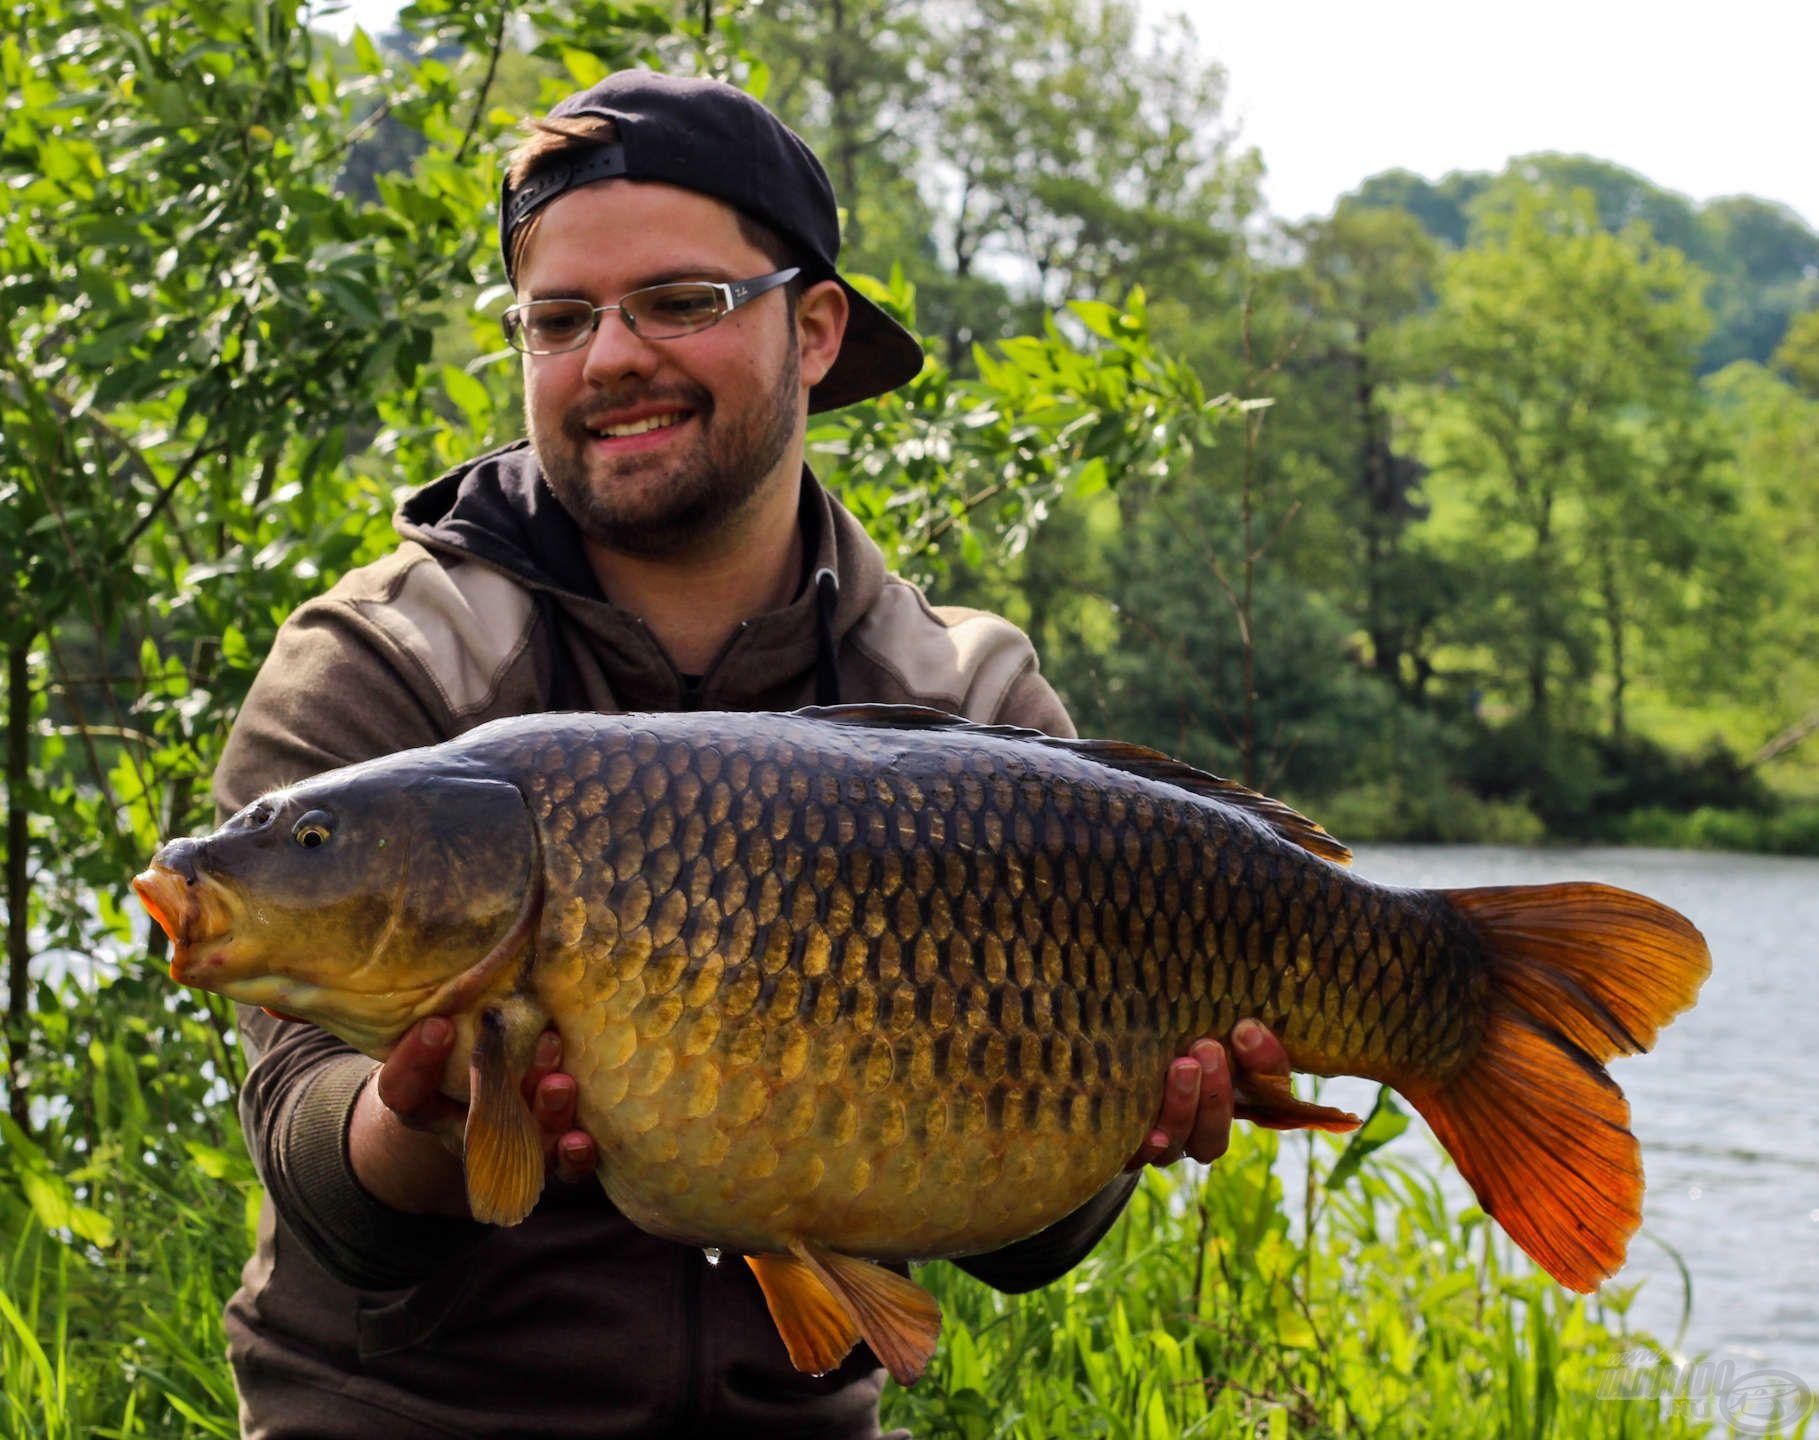 Ez a szép töves nem bírt ellenállni a Big Fish kombinációnak